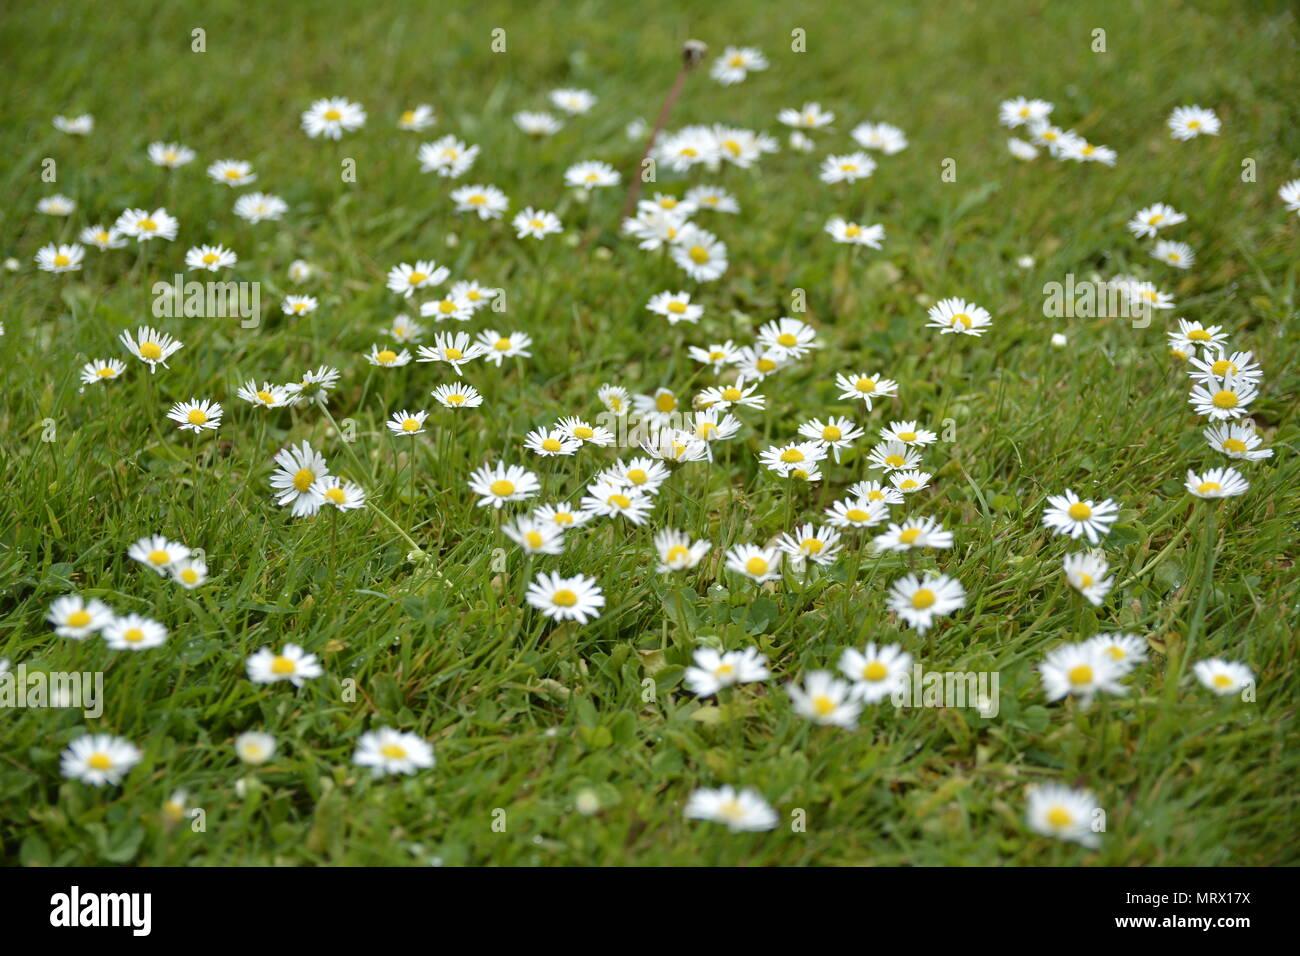 Parche de margaritas, común Canons Ashby House, Northamptonshire Imagen De Stock